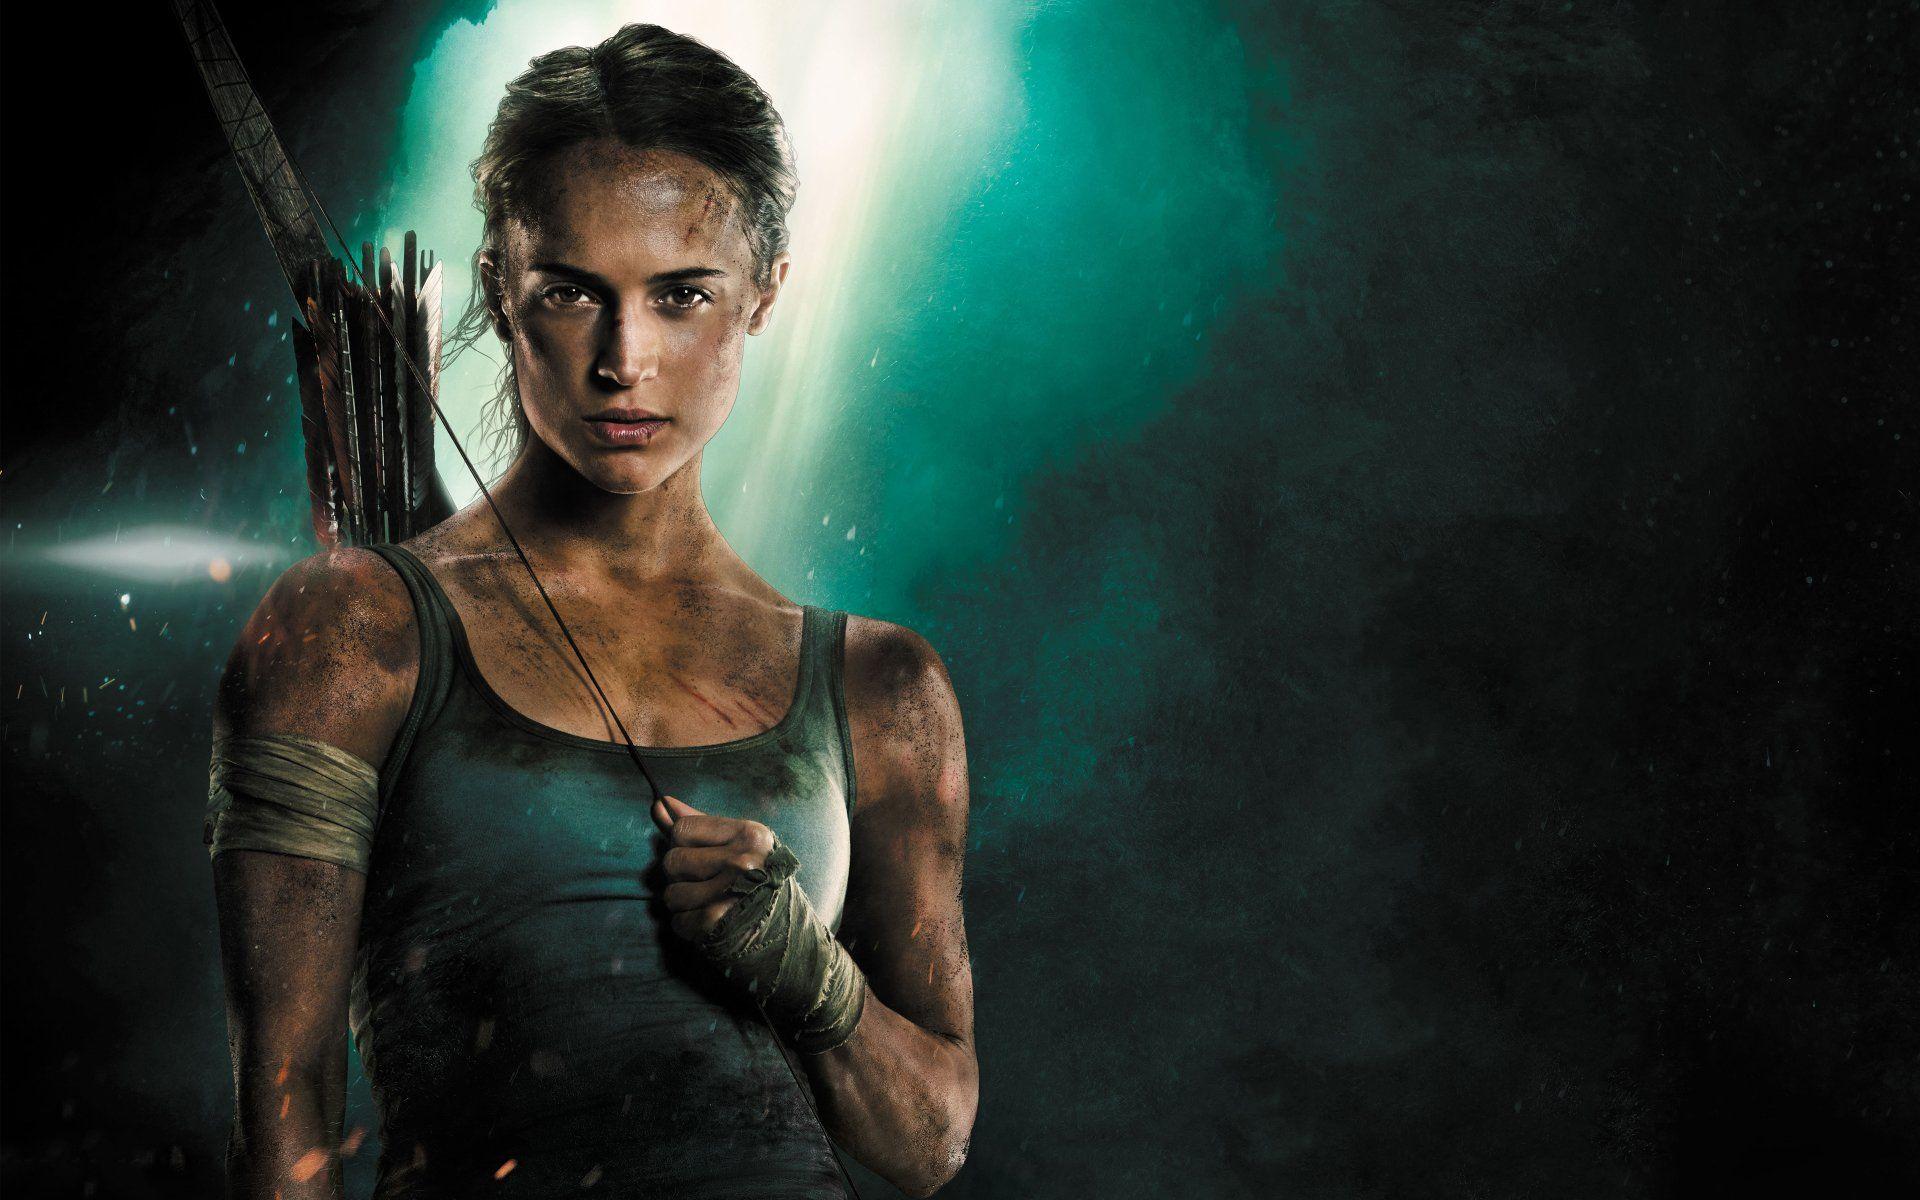 Lara Croft Tomb Raider 4k Ultra Hd Wallpaper And Background Image 3840x2400 Id 909635 Tomb Raider Wallpaper Tomb Raider Tomb Raider Film